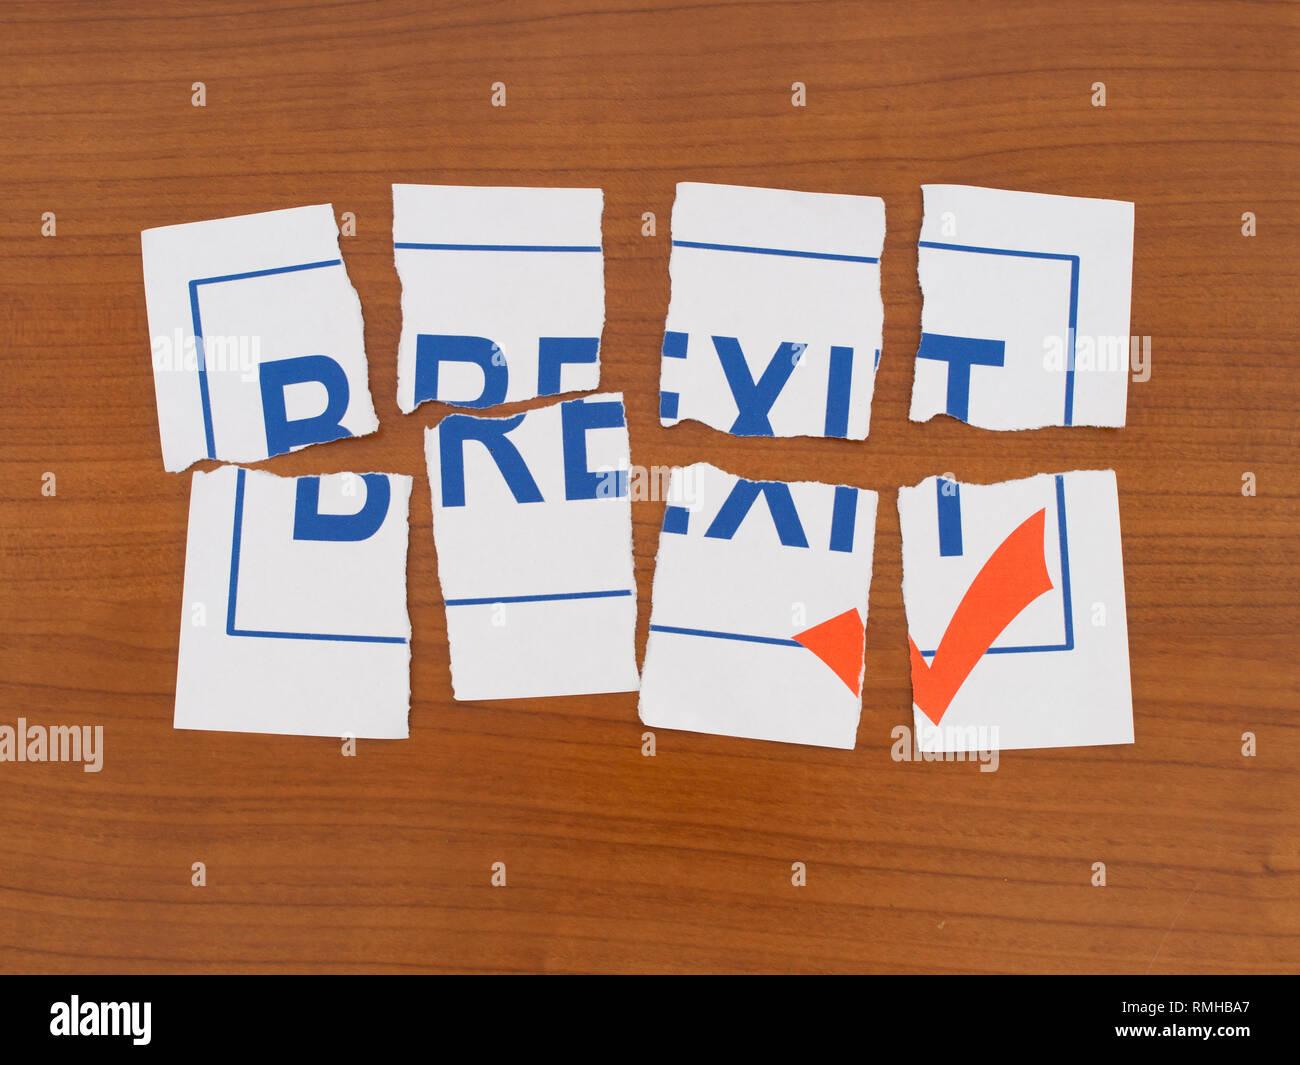 Brexit en jirones, puzzle. La política de la UE en el Reino Unido la metáfora o concepto. Imagen De Stock